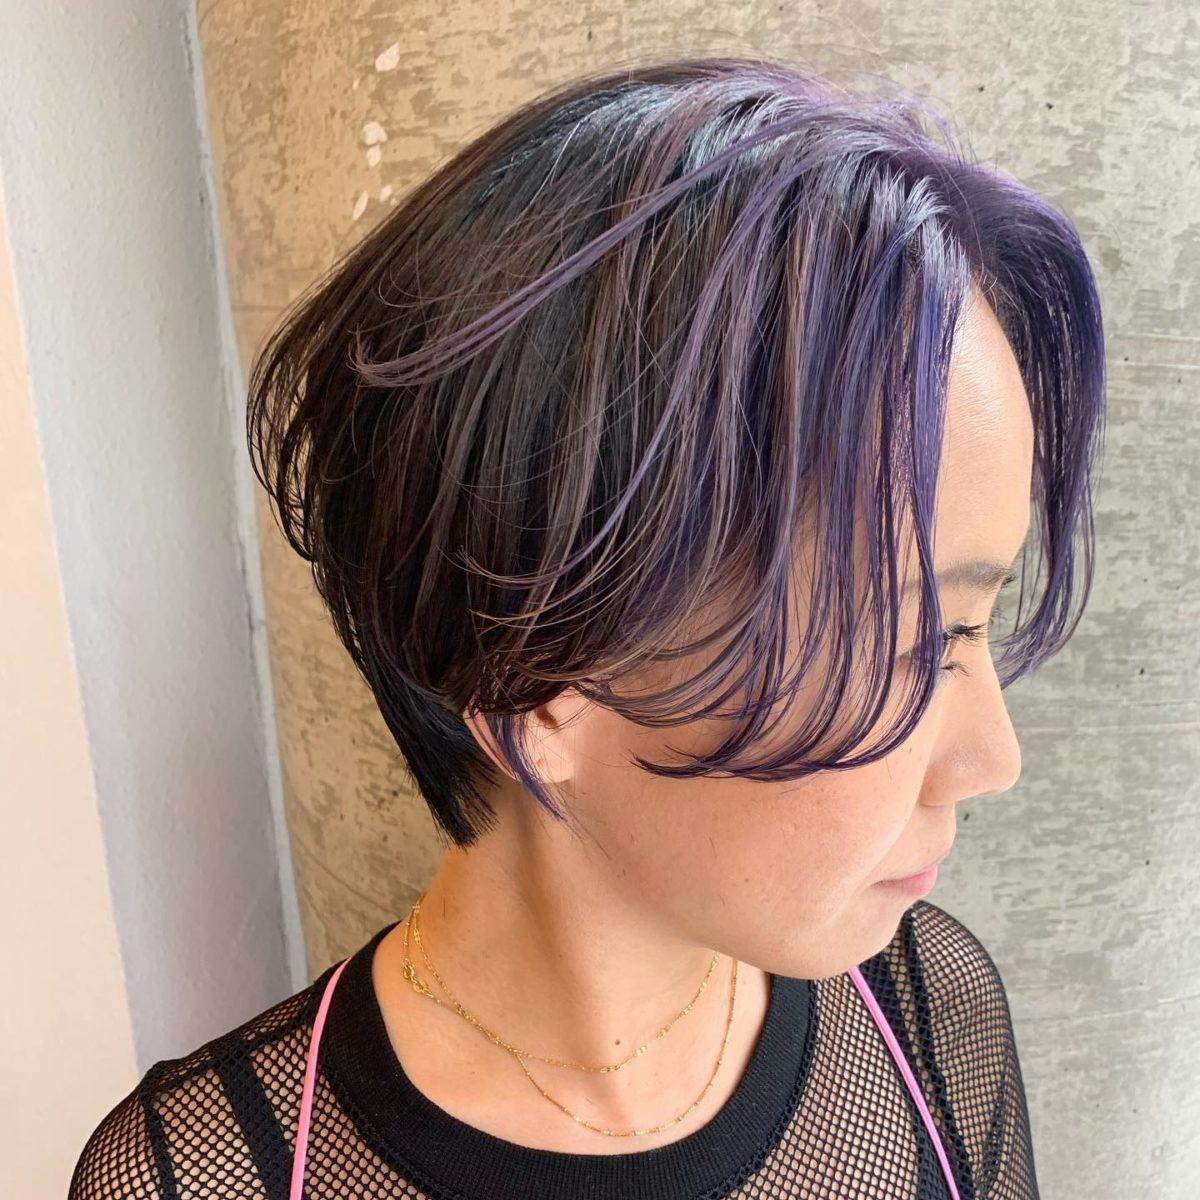 purpleへカラーチェンジ 約3ヶ月ぶりのサロンご来店のお客様 ネイリストの @reiko_shizuka000 さんです! お任せいただきありがとうございます!  前回のgreenのウルフヘアから purpleのショートヘアへ♡  どちらもパンチがきいててかっこいいスタイルです️️️  @673marie  ・  #オラプレックス #パーマ #アルマダスタイル  敷島店︎0272102115 岩神店︎0272265556 _________________________________________ check quintetto HP︎︎︎www.quintetto-hair.com